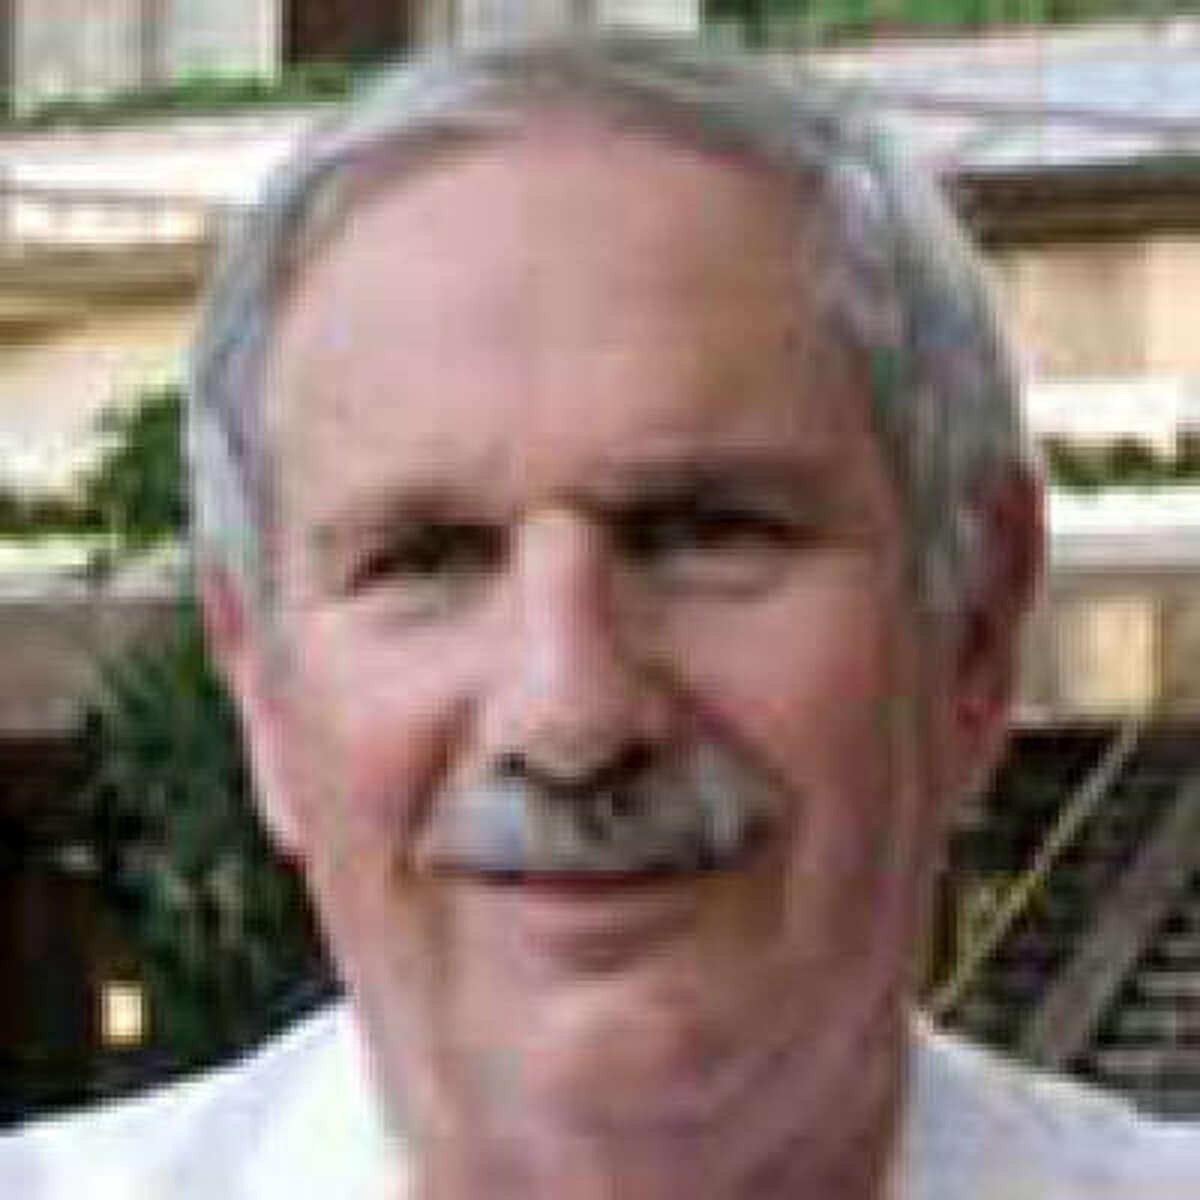 Paul Burka